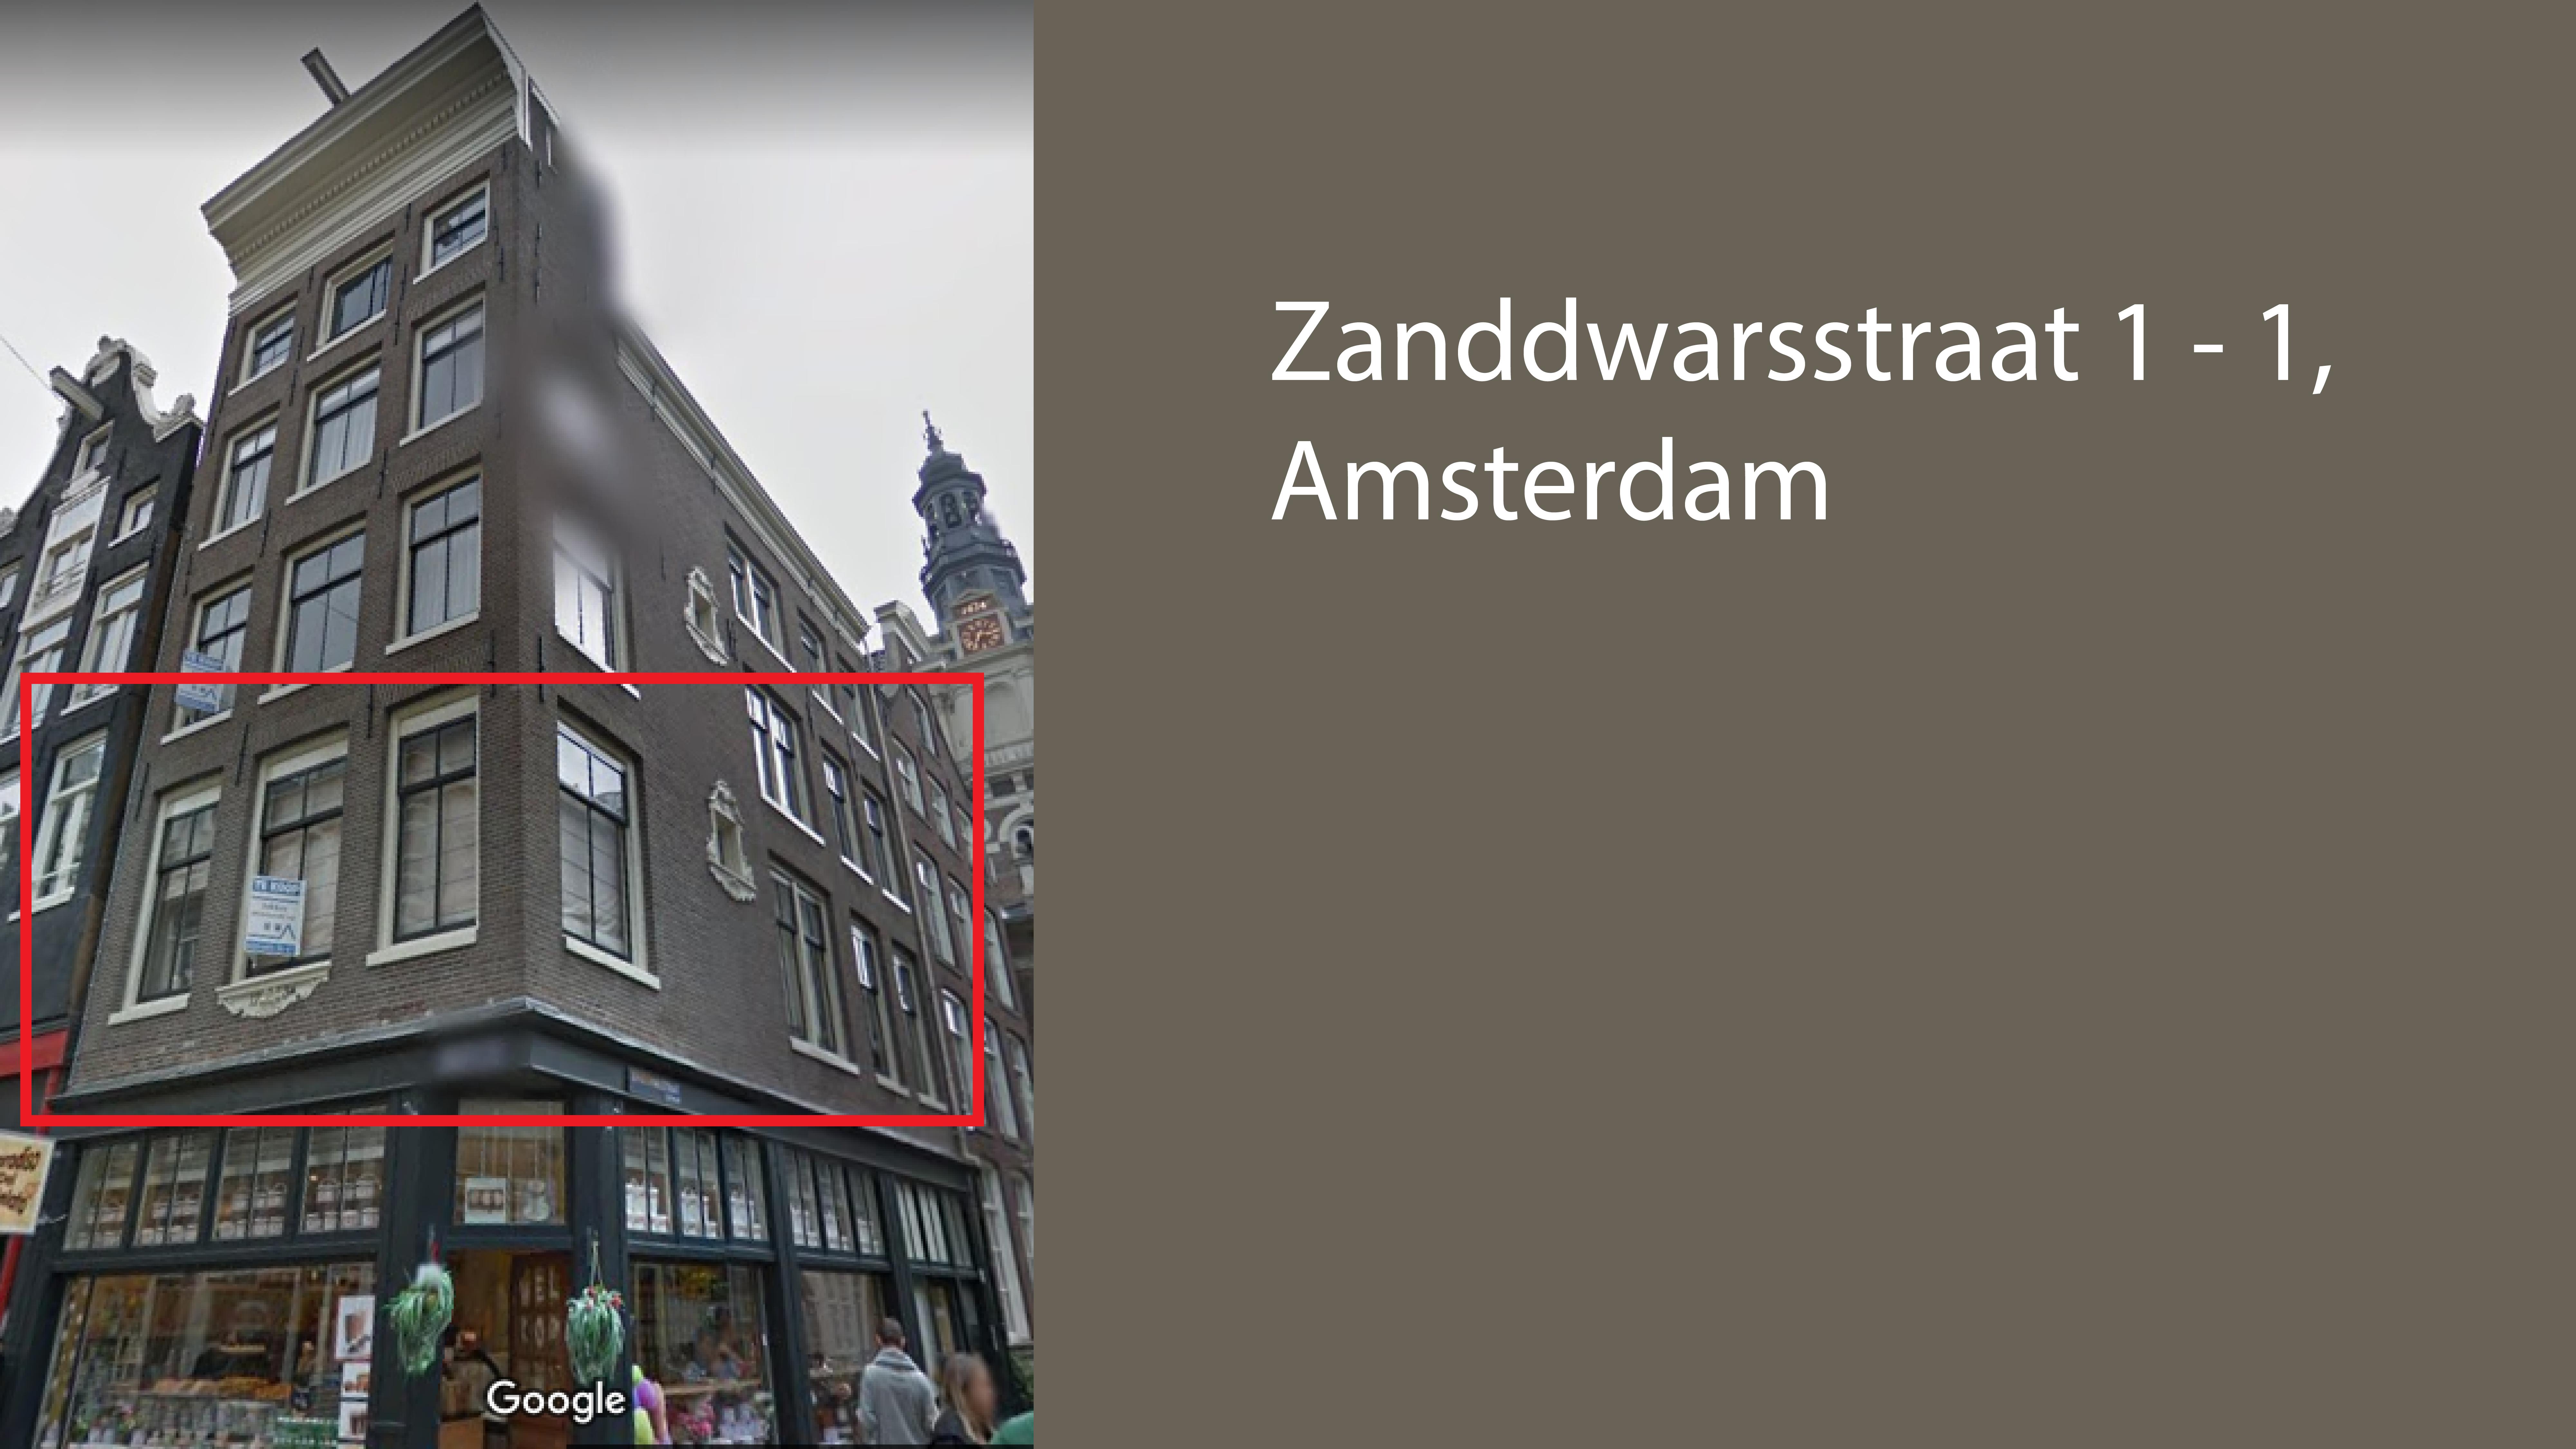 Zanddwarsstraat 1-1